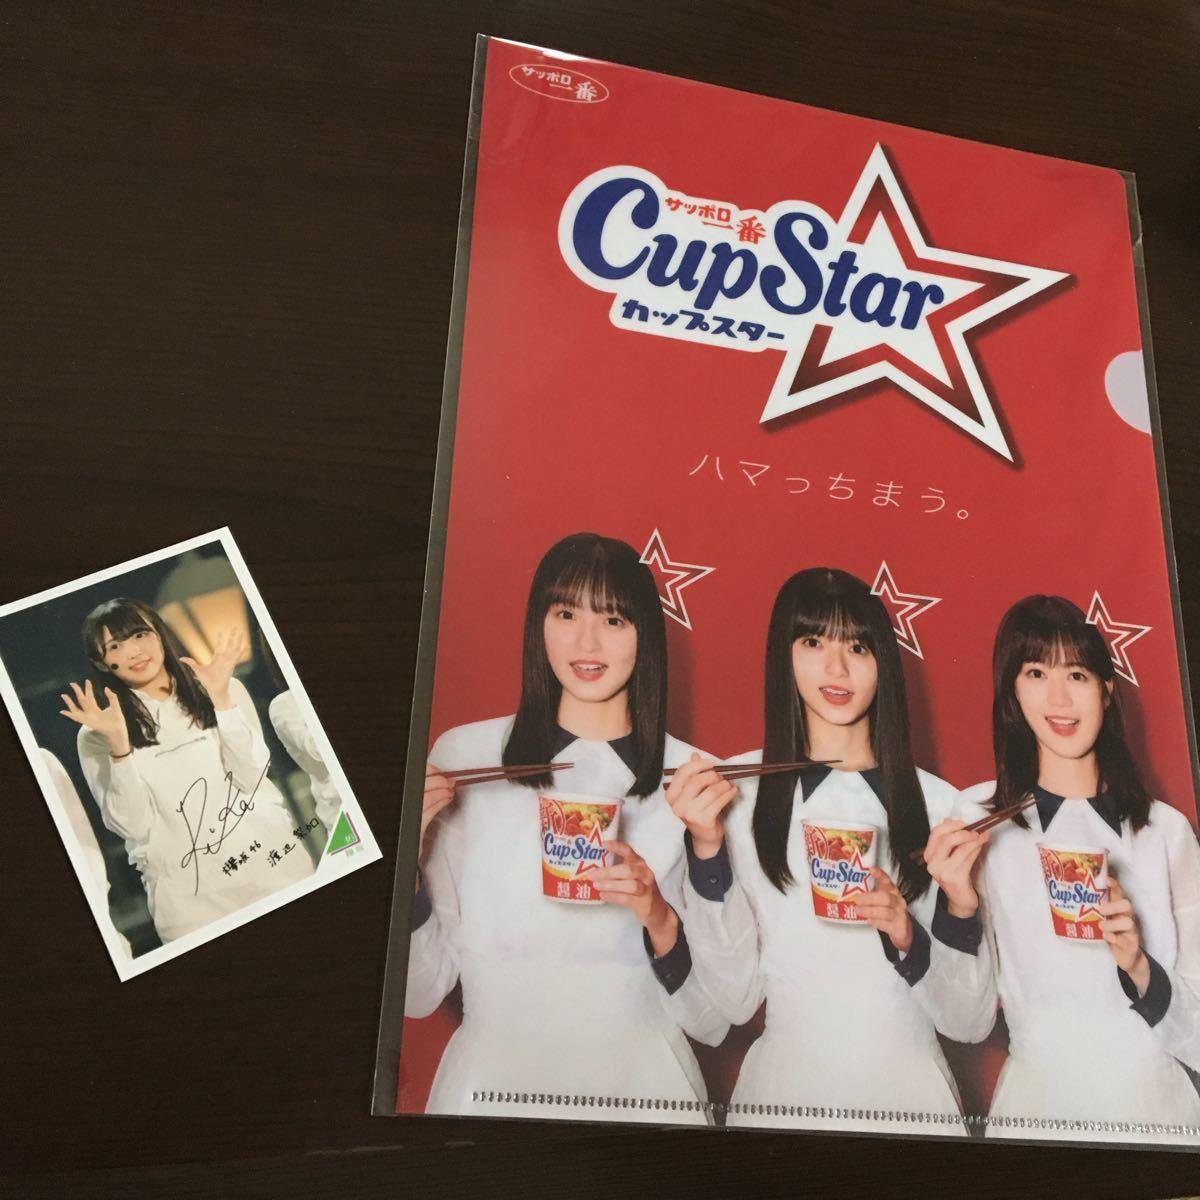 乃木坂46カップスタークリアファイル 欅坂46